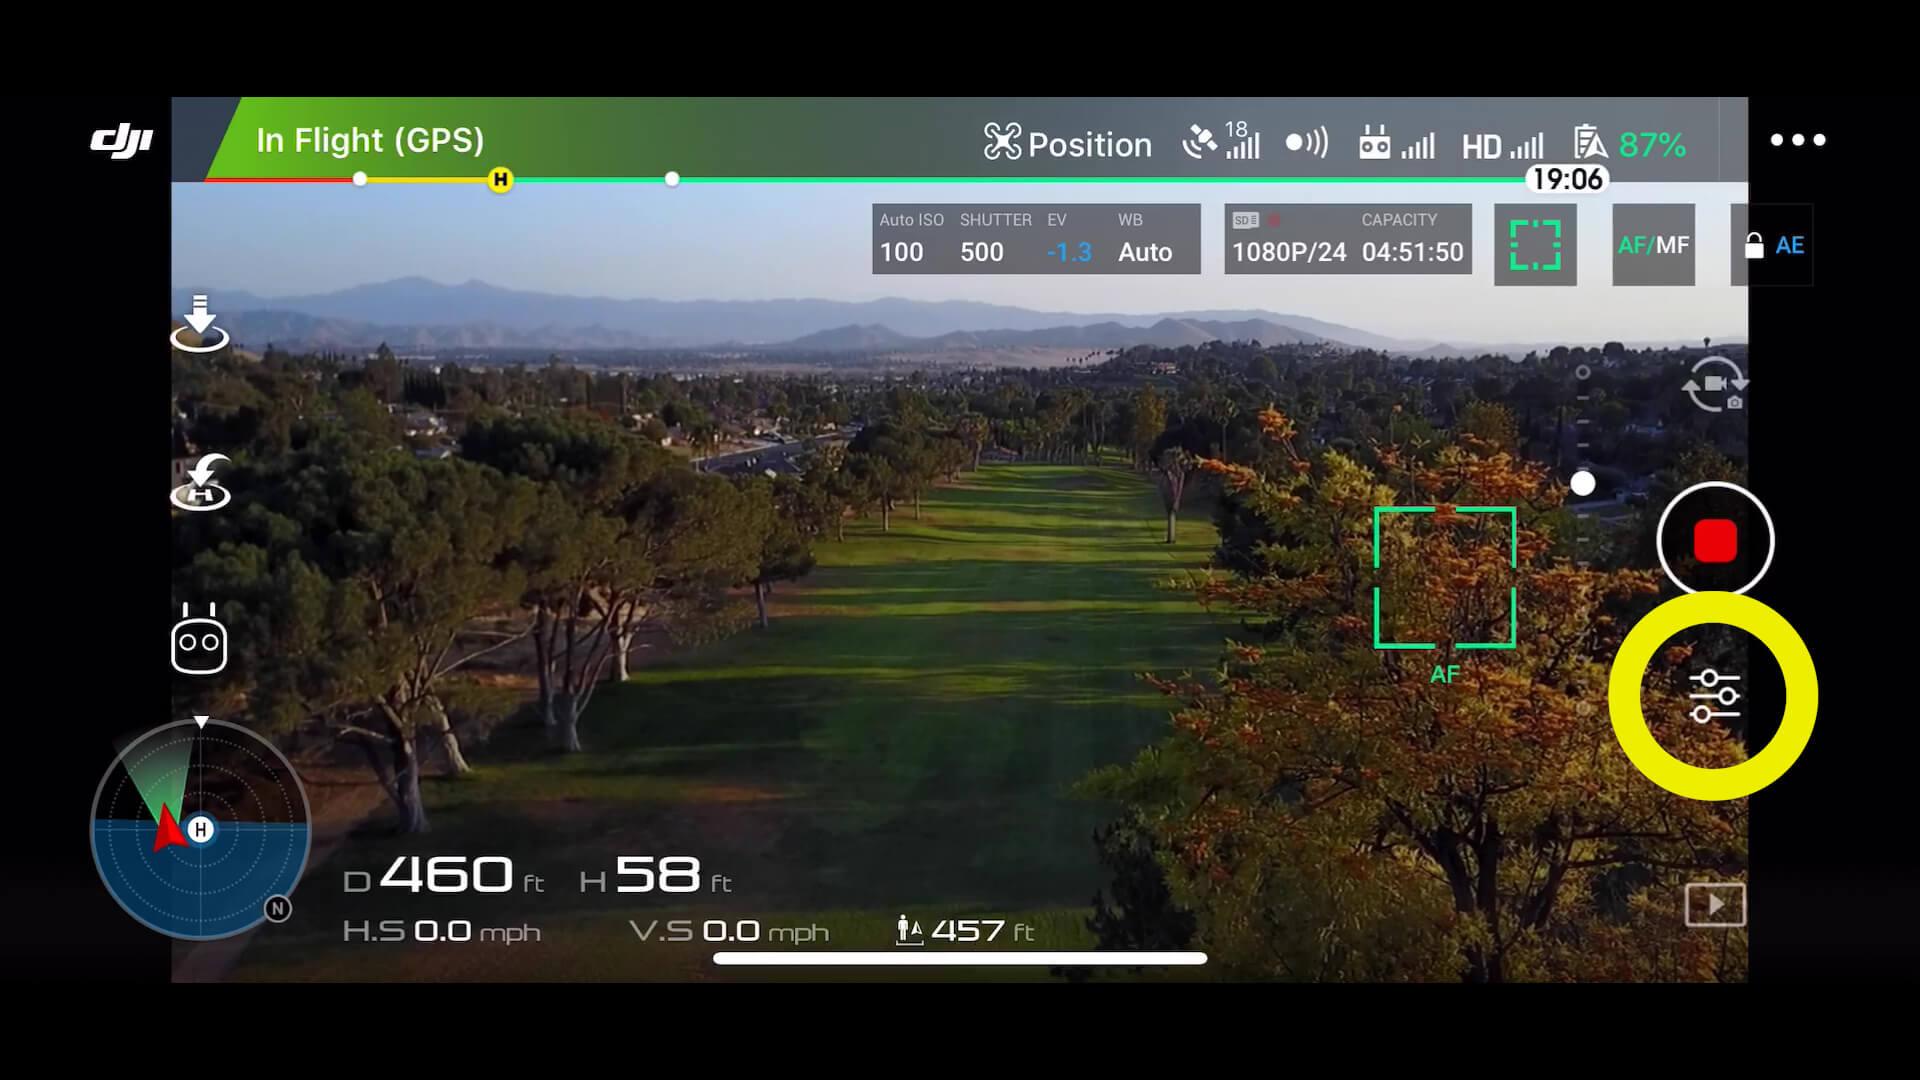 dji drone photos - 0 menu settings